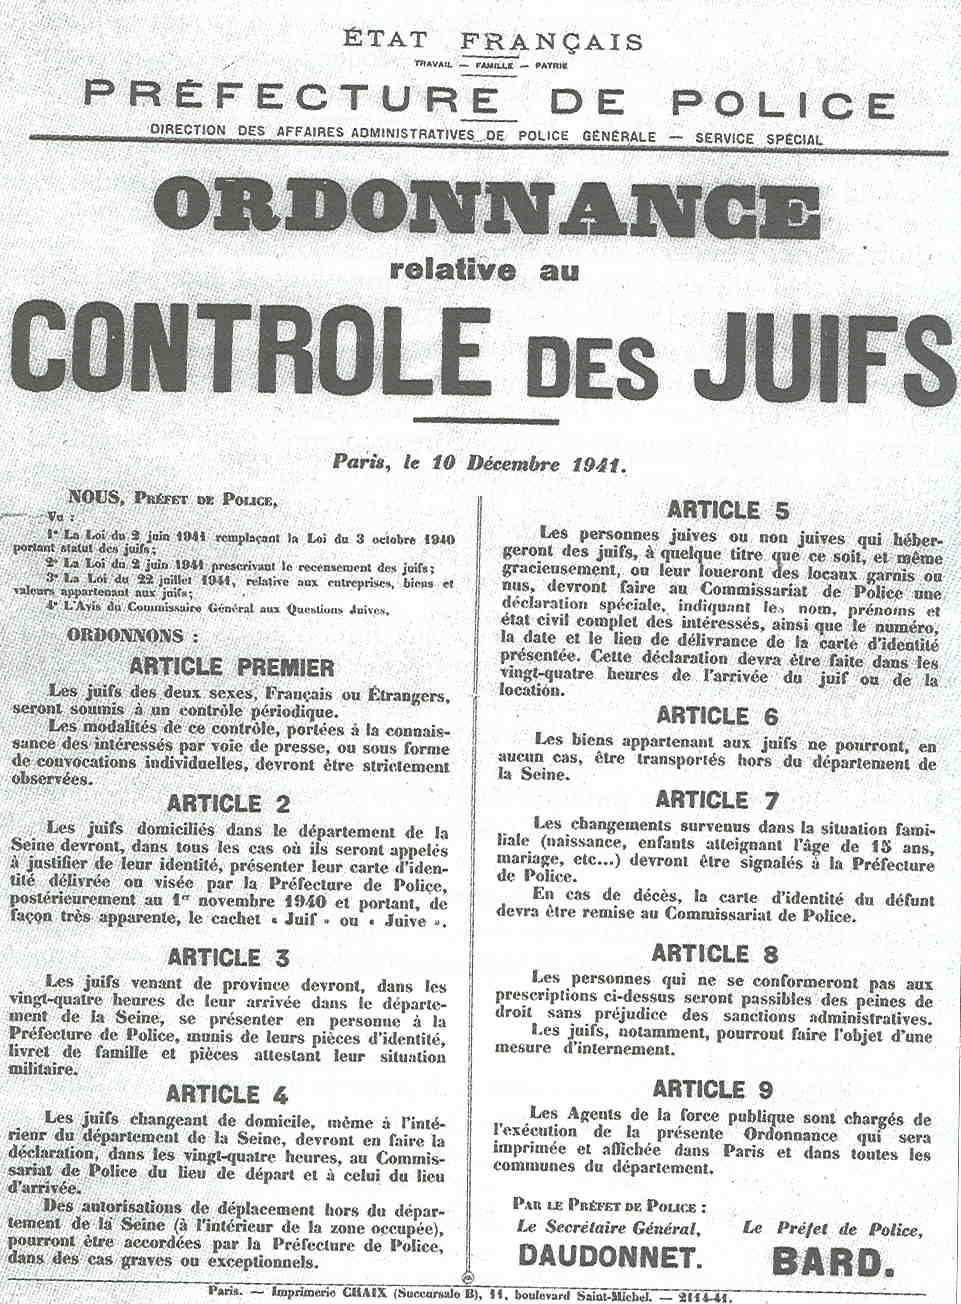 Macron veut gouverner par ordonnances, comme Pétain, qu'est-ce que cela signifie ?